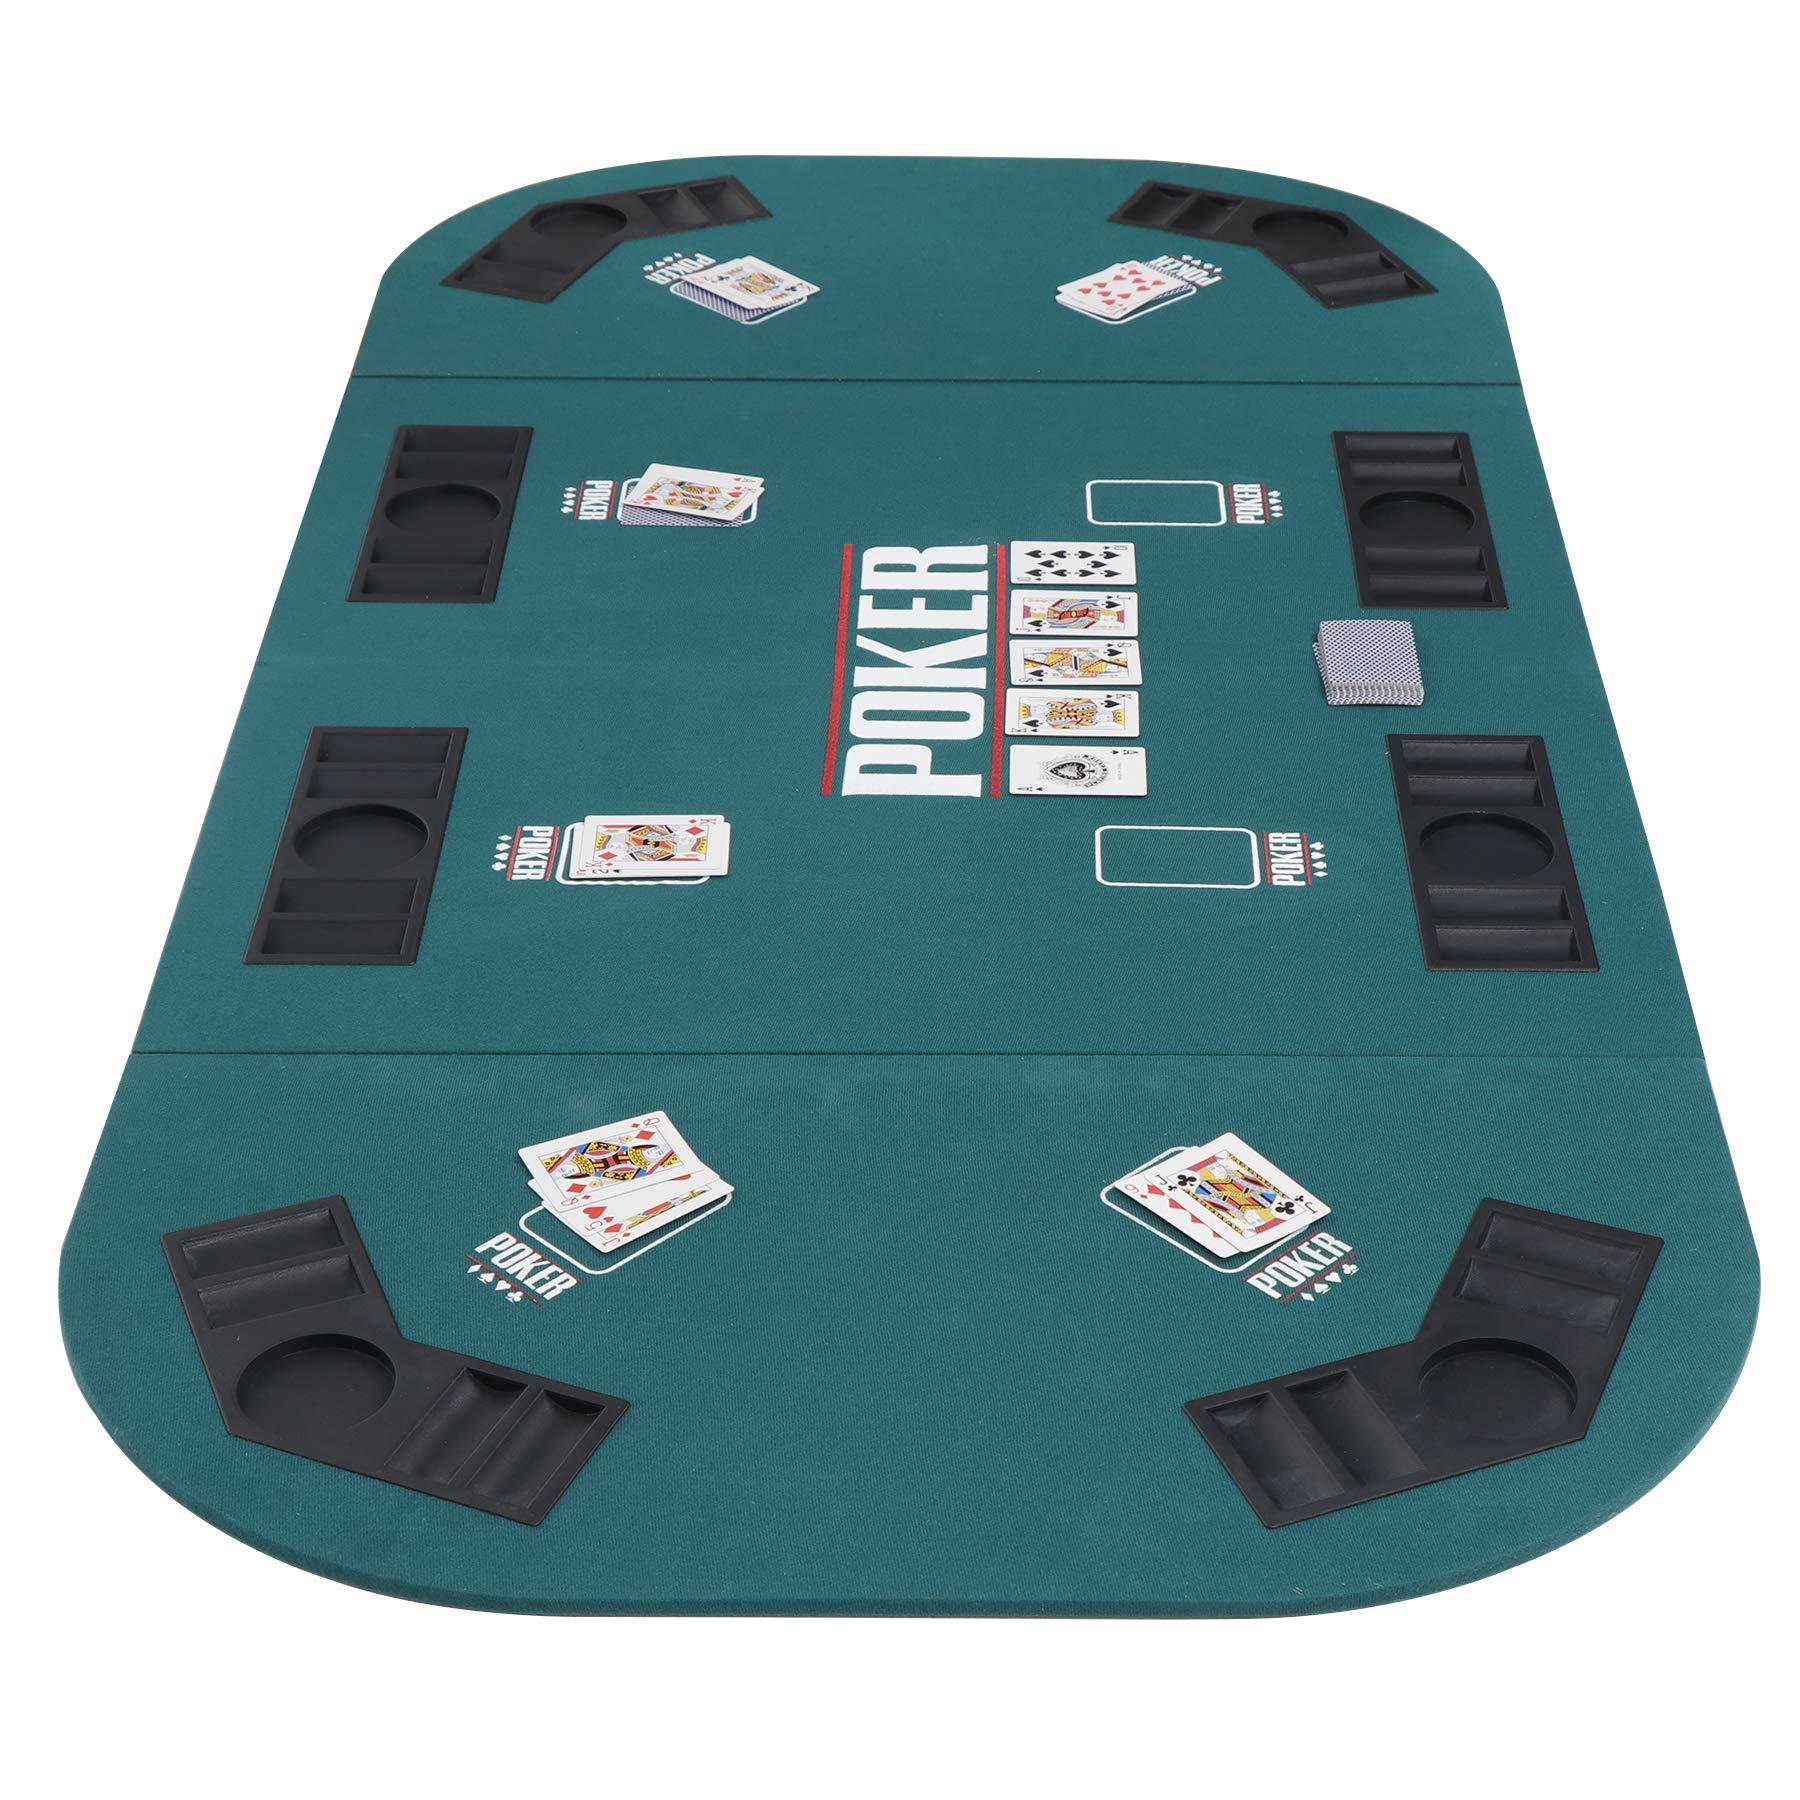 JungleA Folding Portable Topper Player